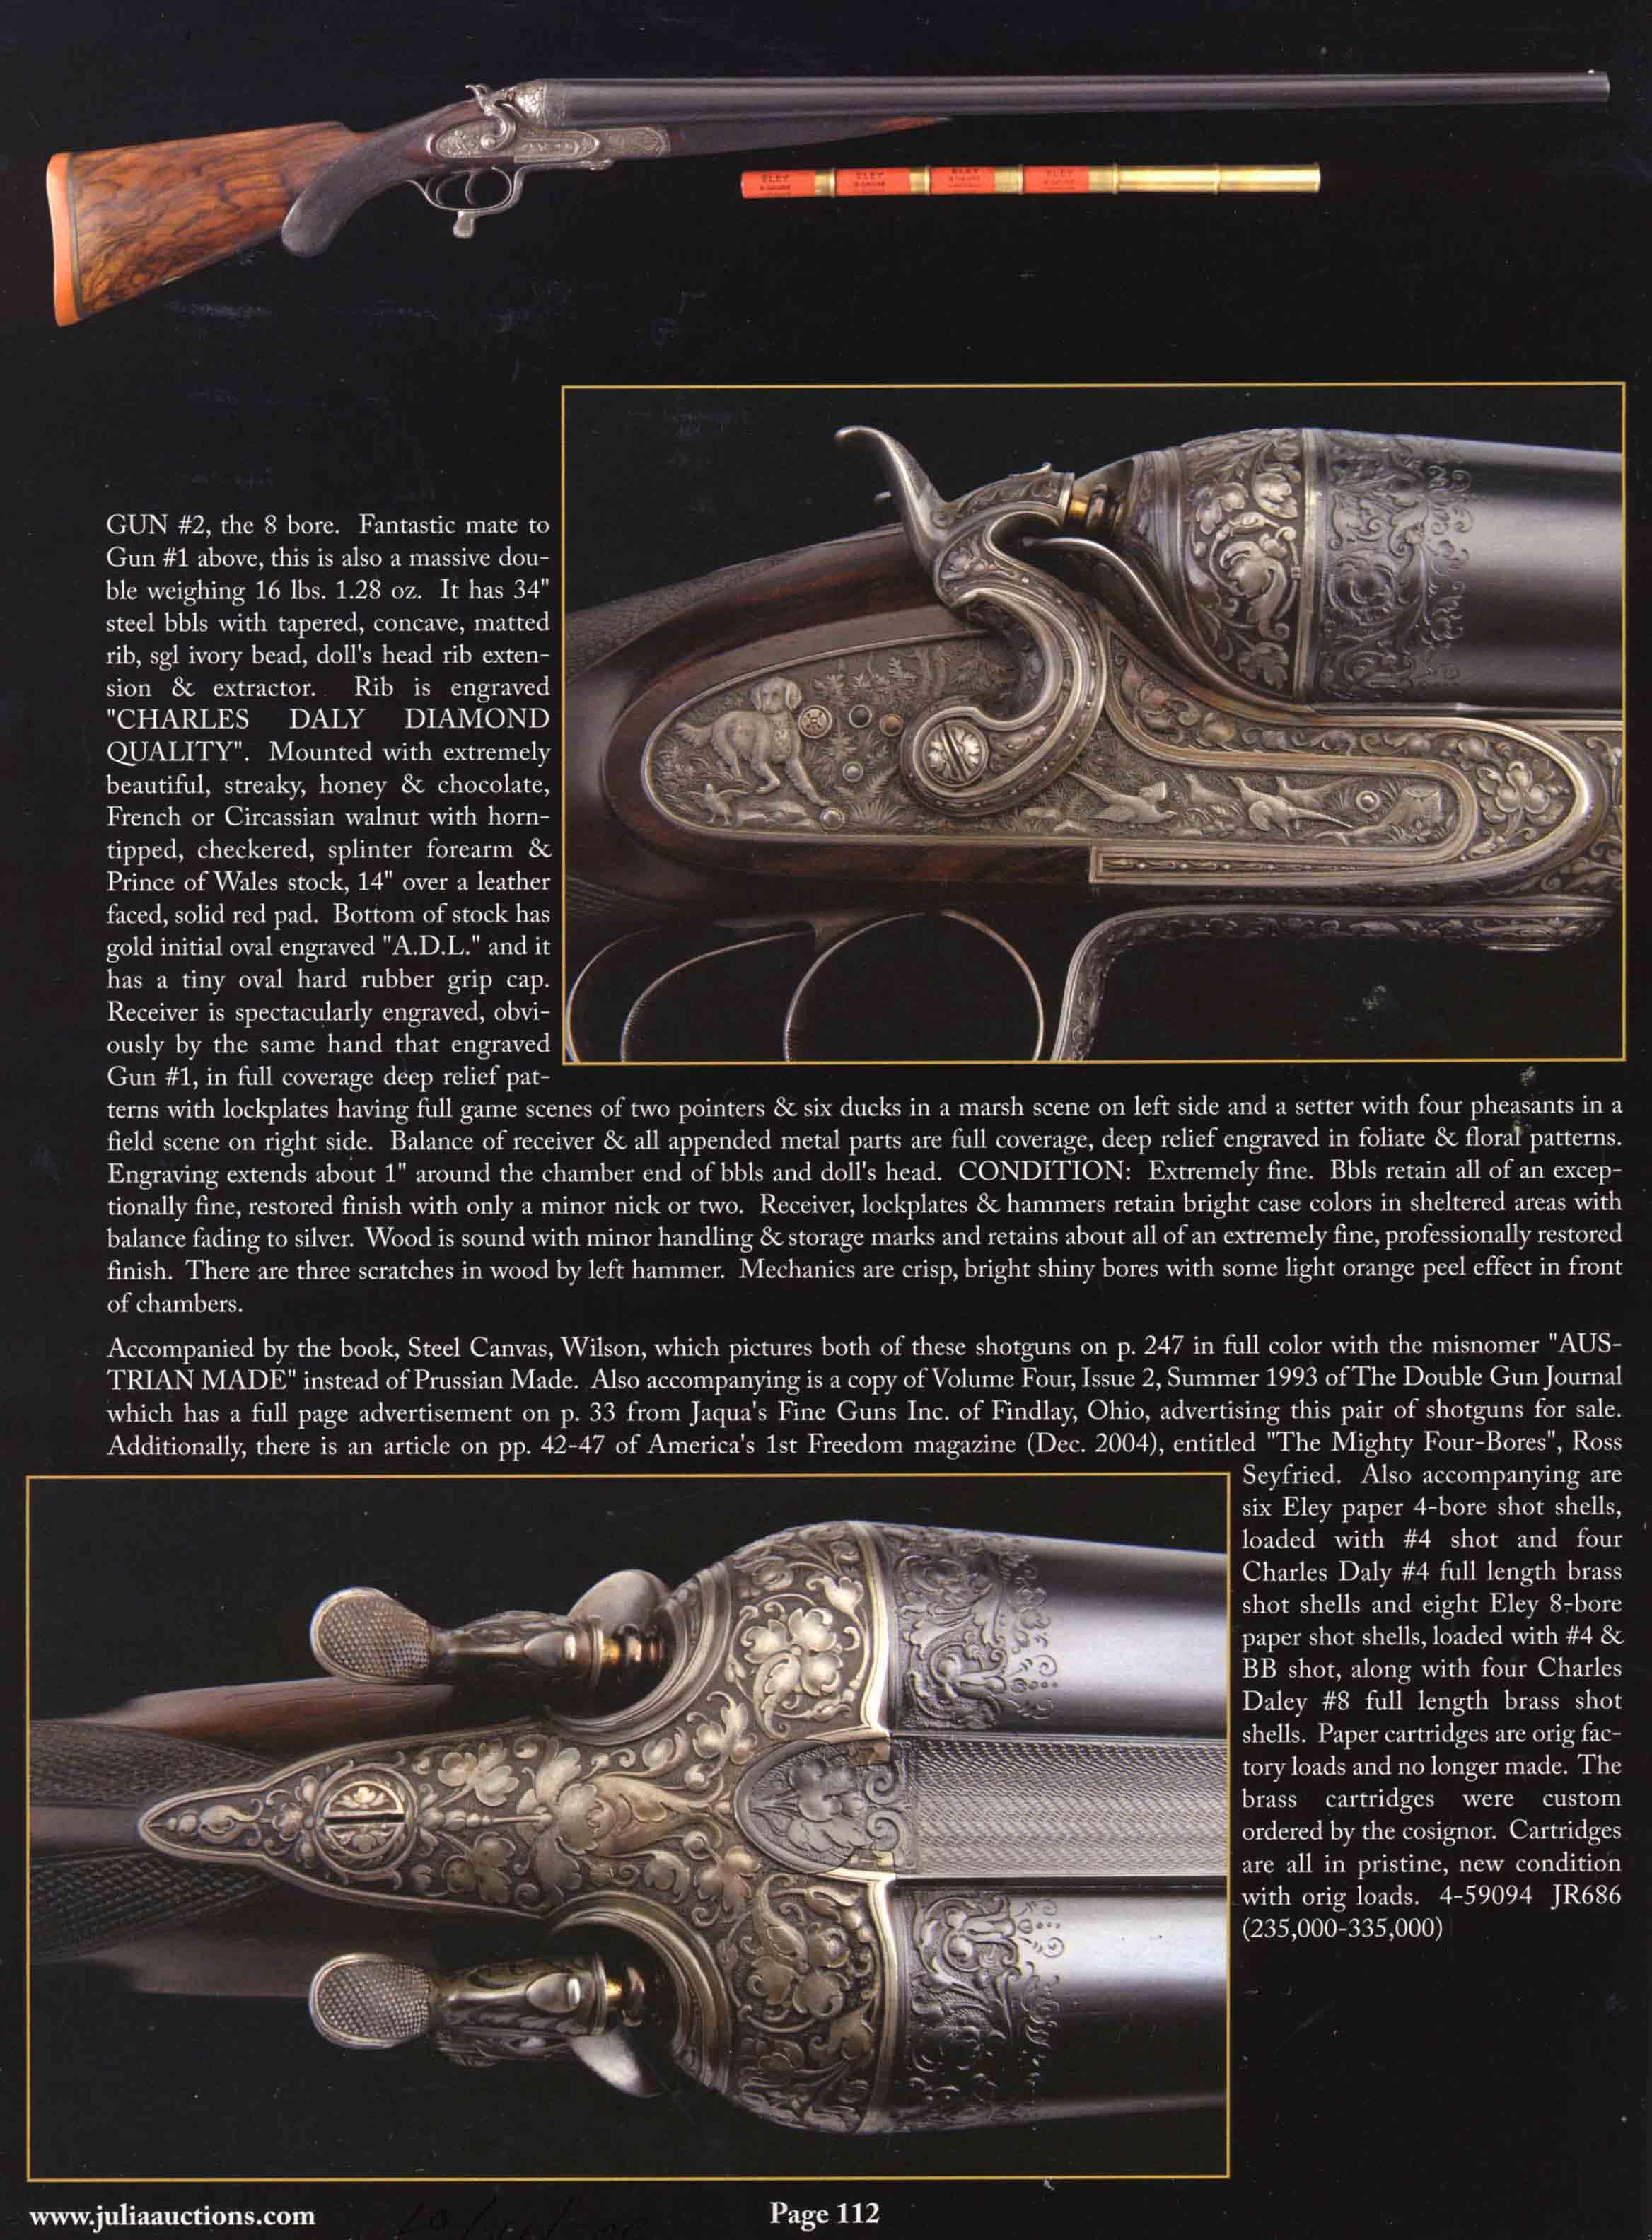 6.Lindner Hammer gun 2